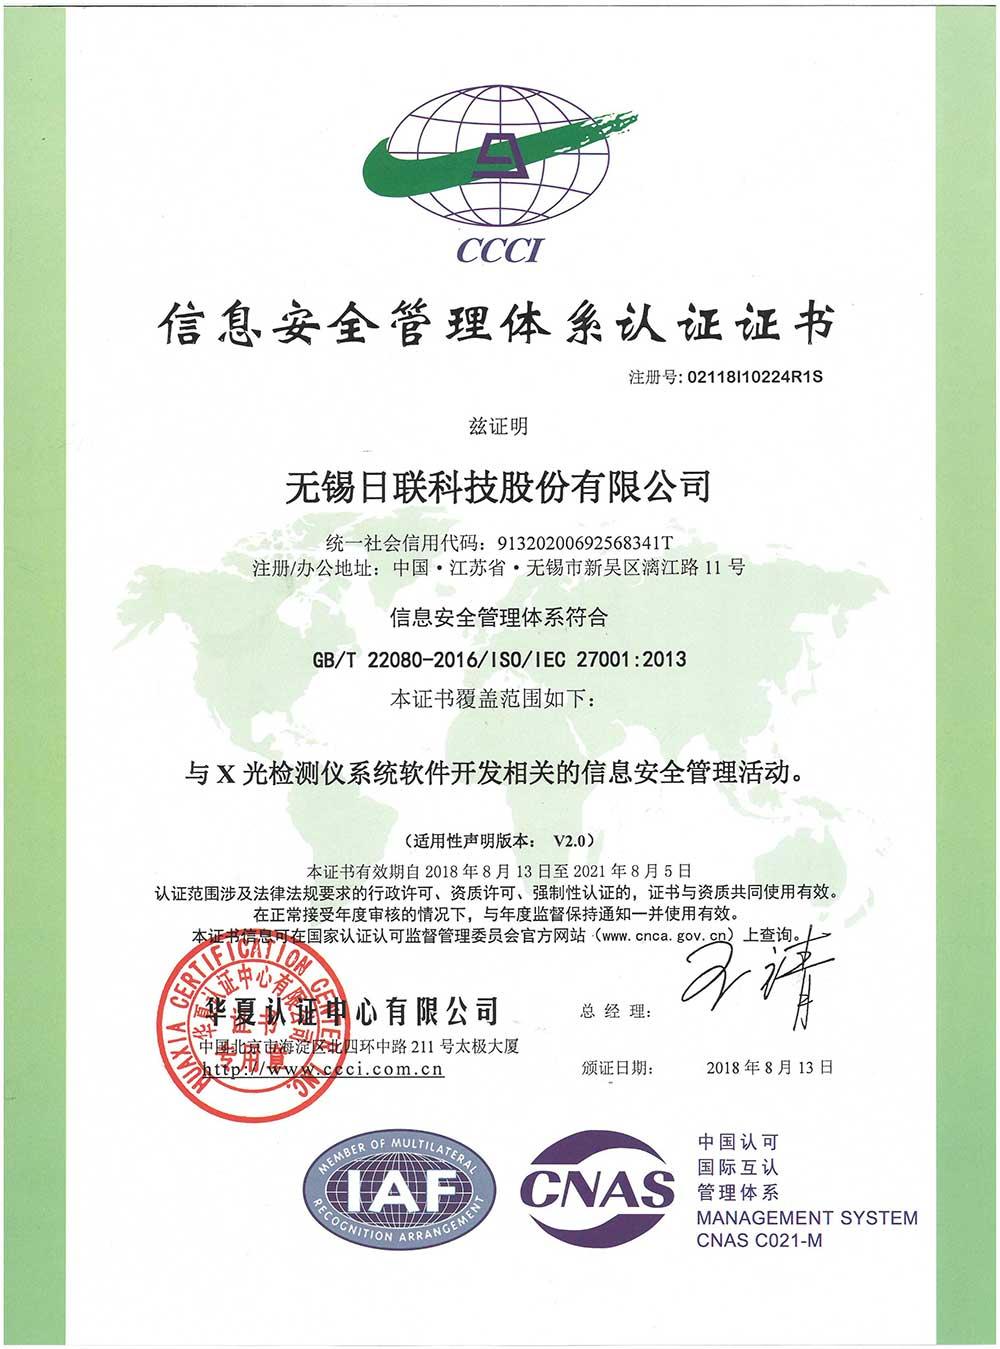 27001信息安全管理体系认证